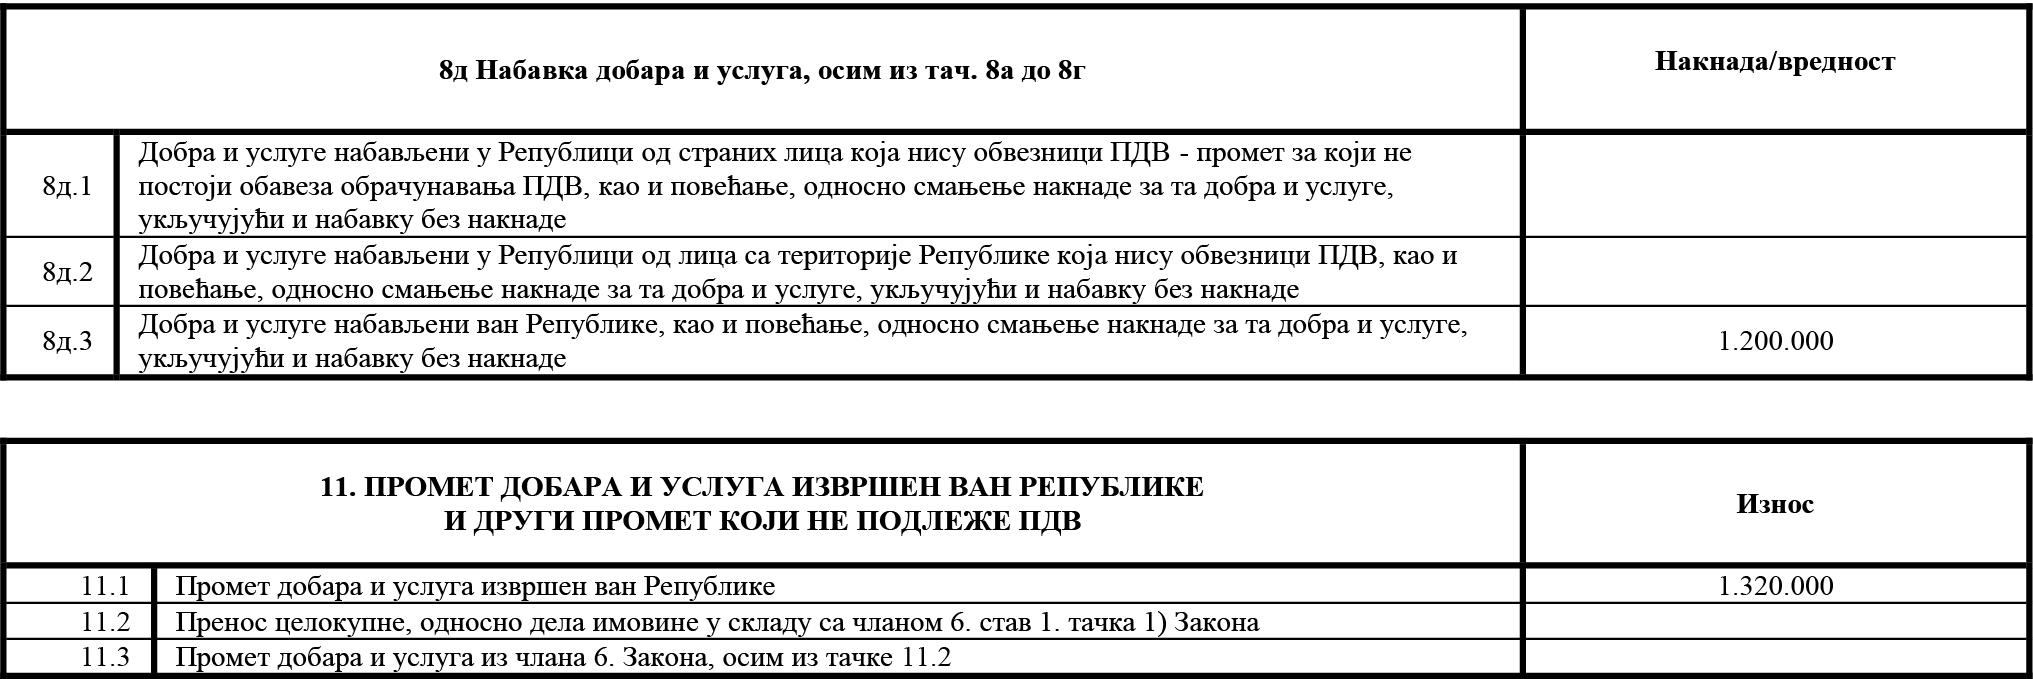 uputstvo PU obrazac POPDV primer 131